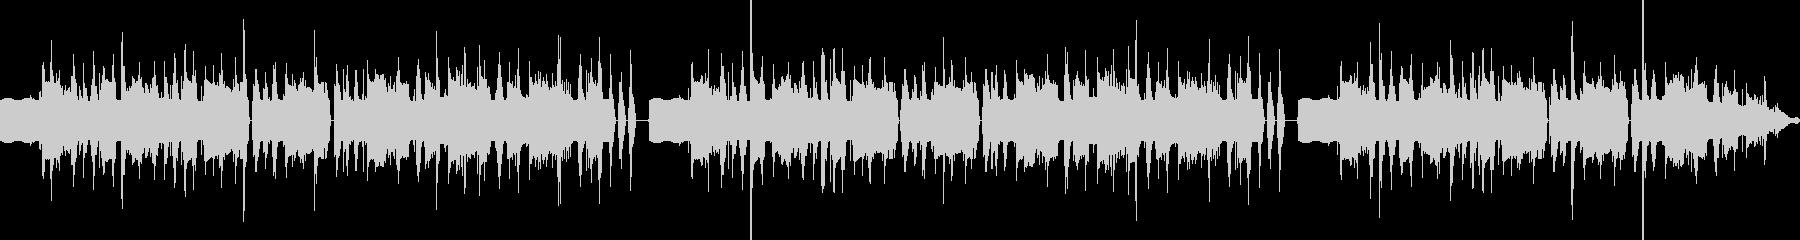 ハロウィン向けの怪しい雰囲気に包まれた曲の未再生の波形